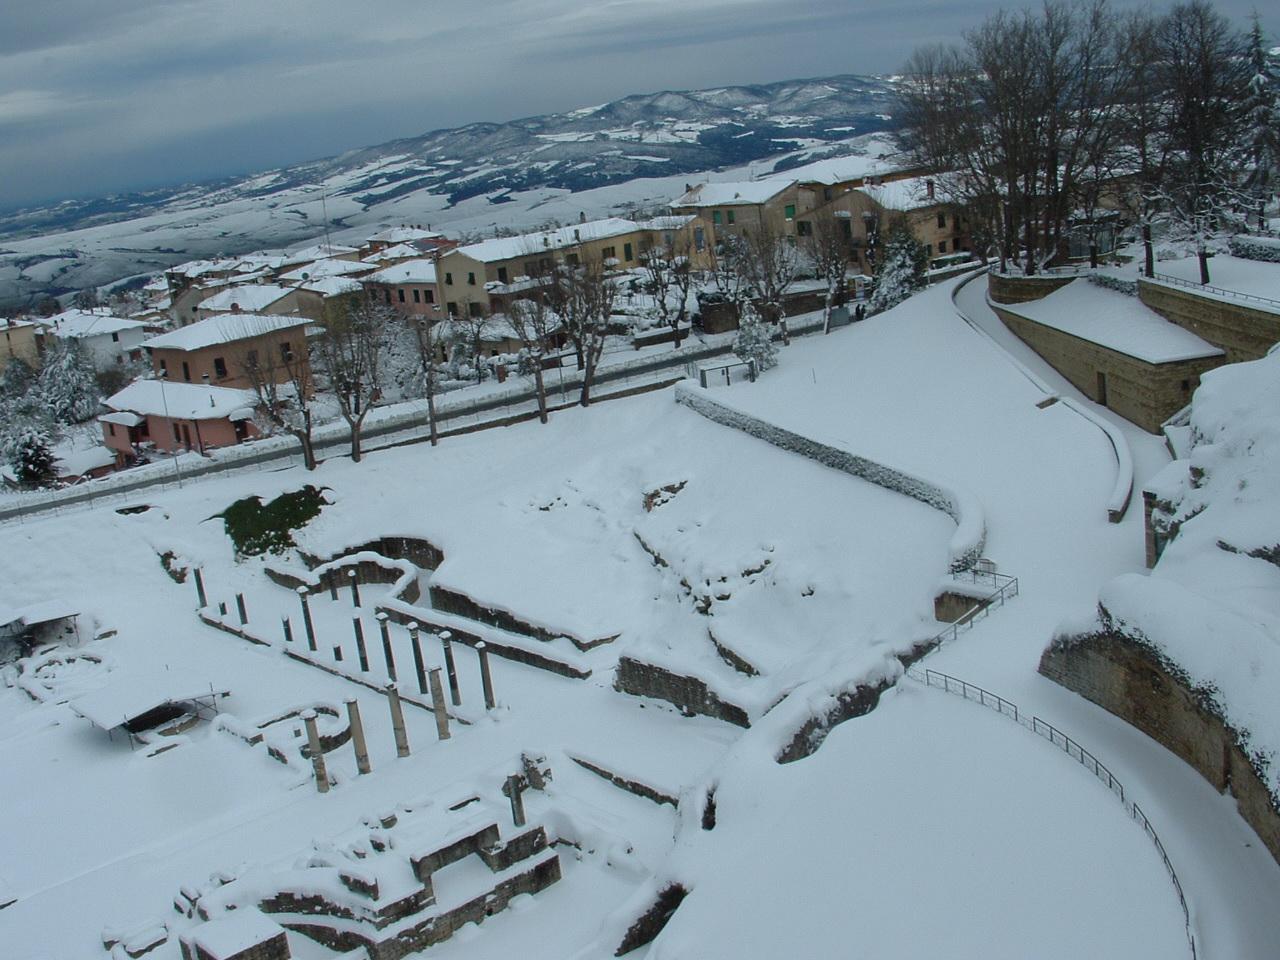 Volterra fotoreportage neve 9/10 marzo 2010..l'apoteosi nevosa!!-foto-mattina-volterra-10-marzo-2010-2-20-.jpg